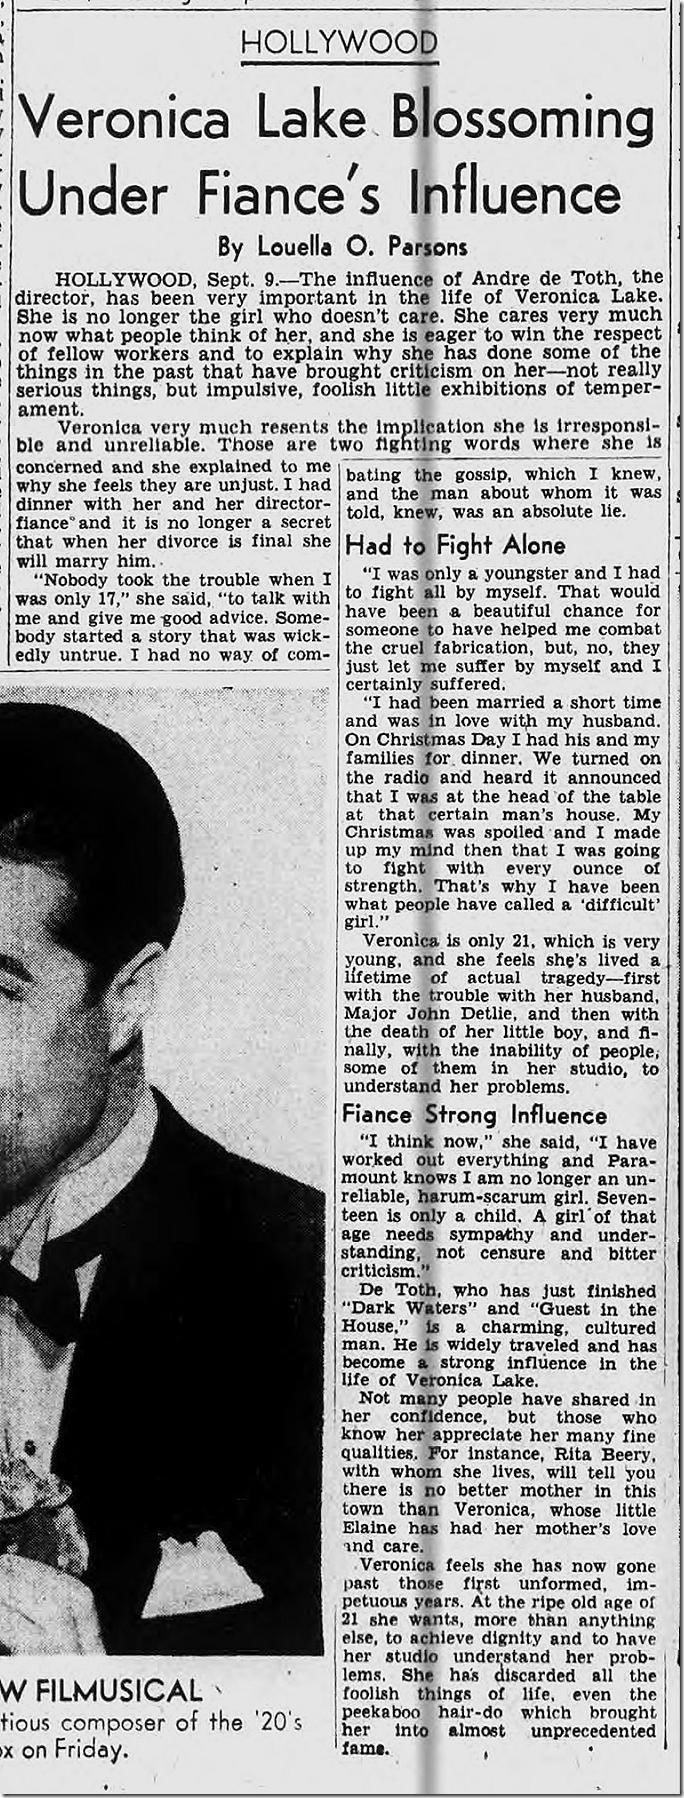 Sept. 10, 1944, Louella Parsons